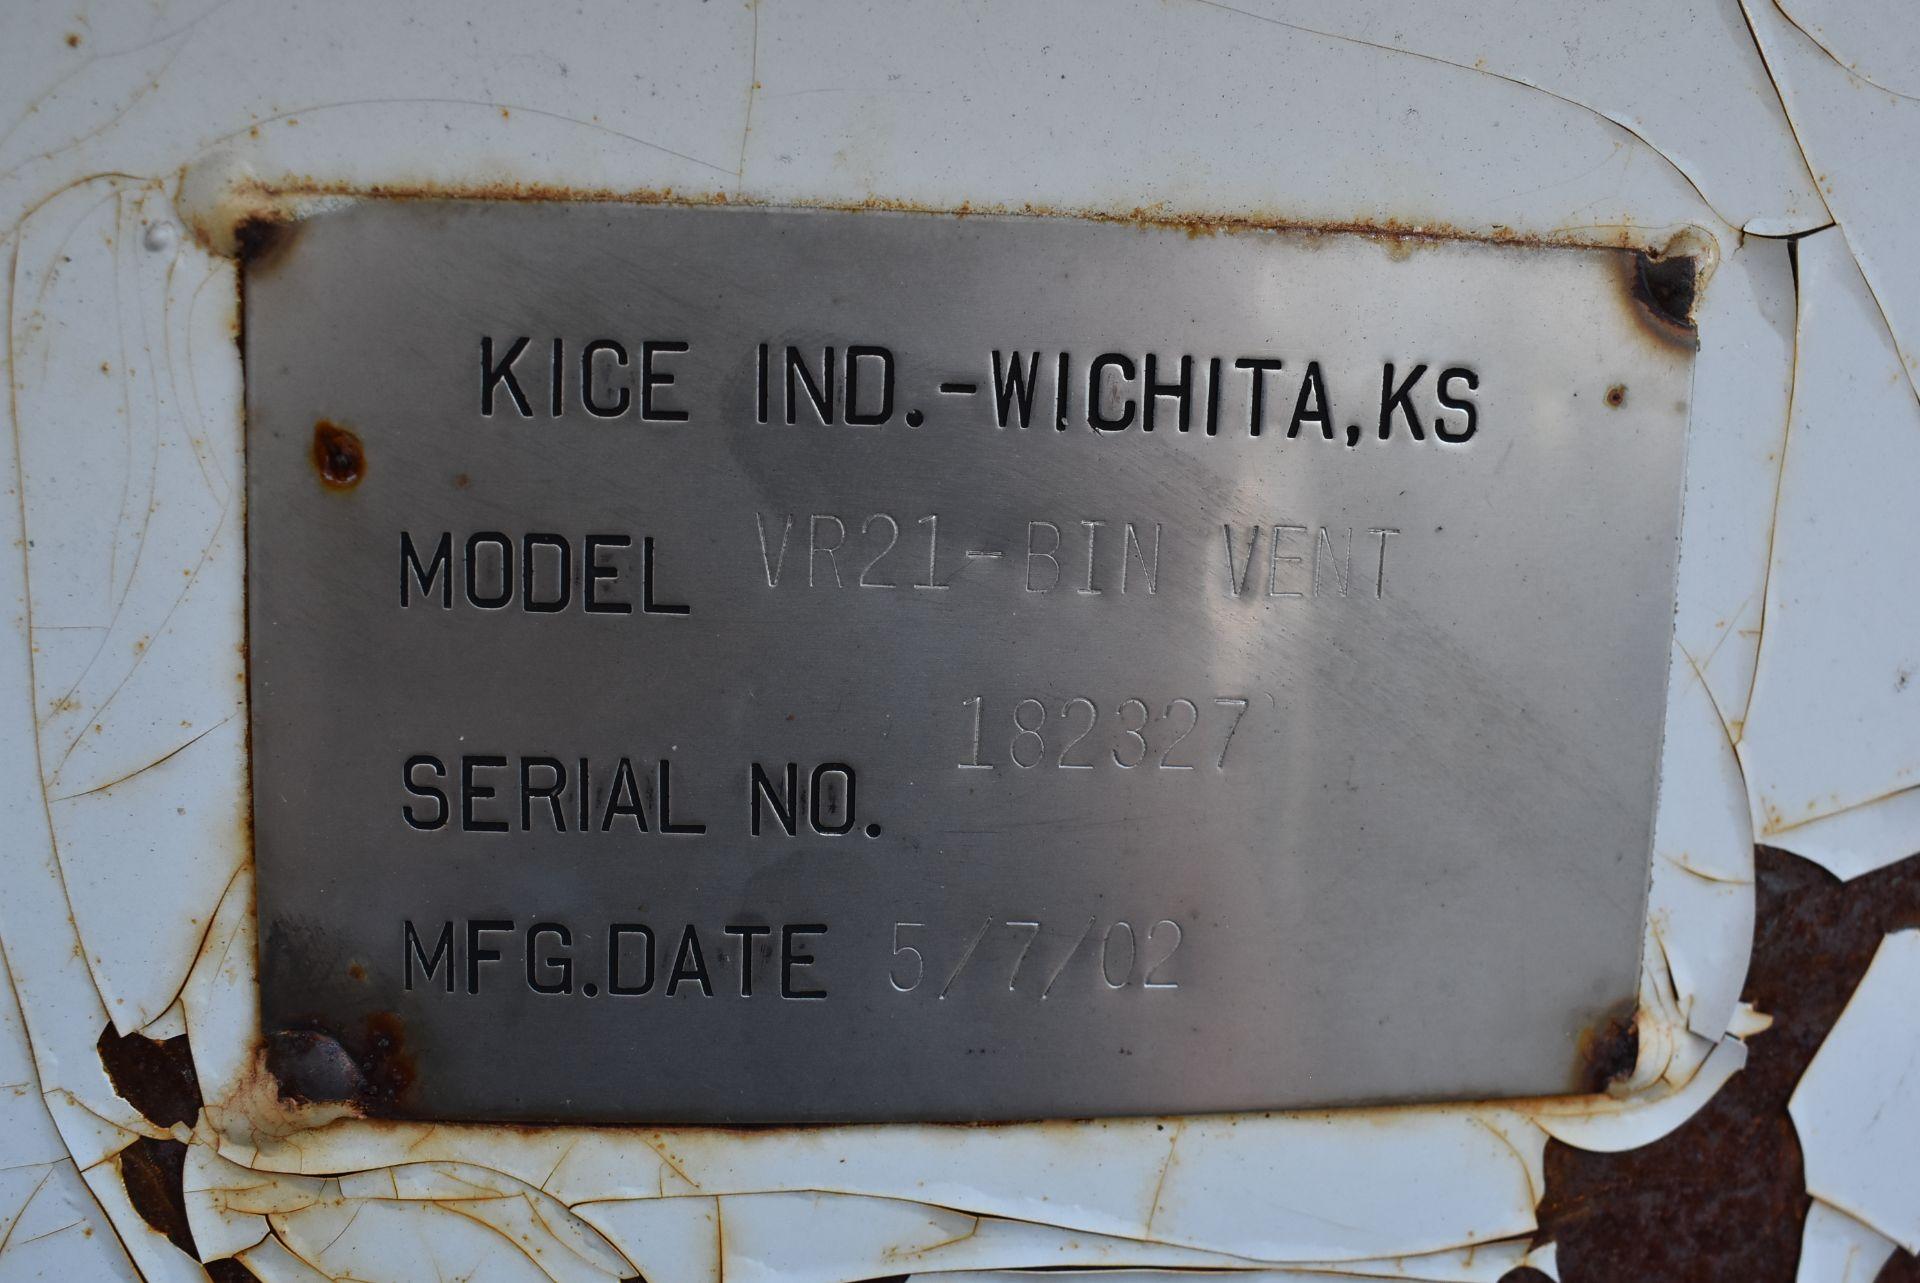 Kice Model #VR21 Bin Vent, SN 182327 - Image 2 of 3